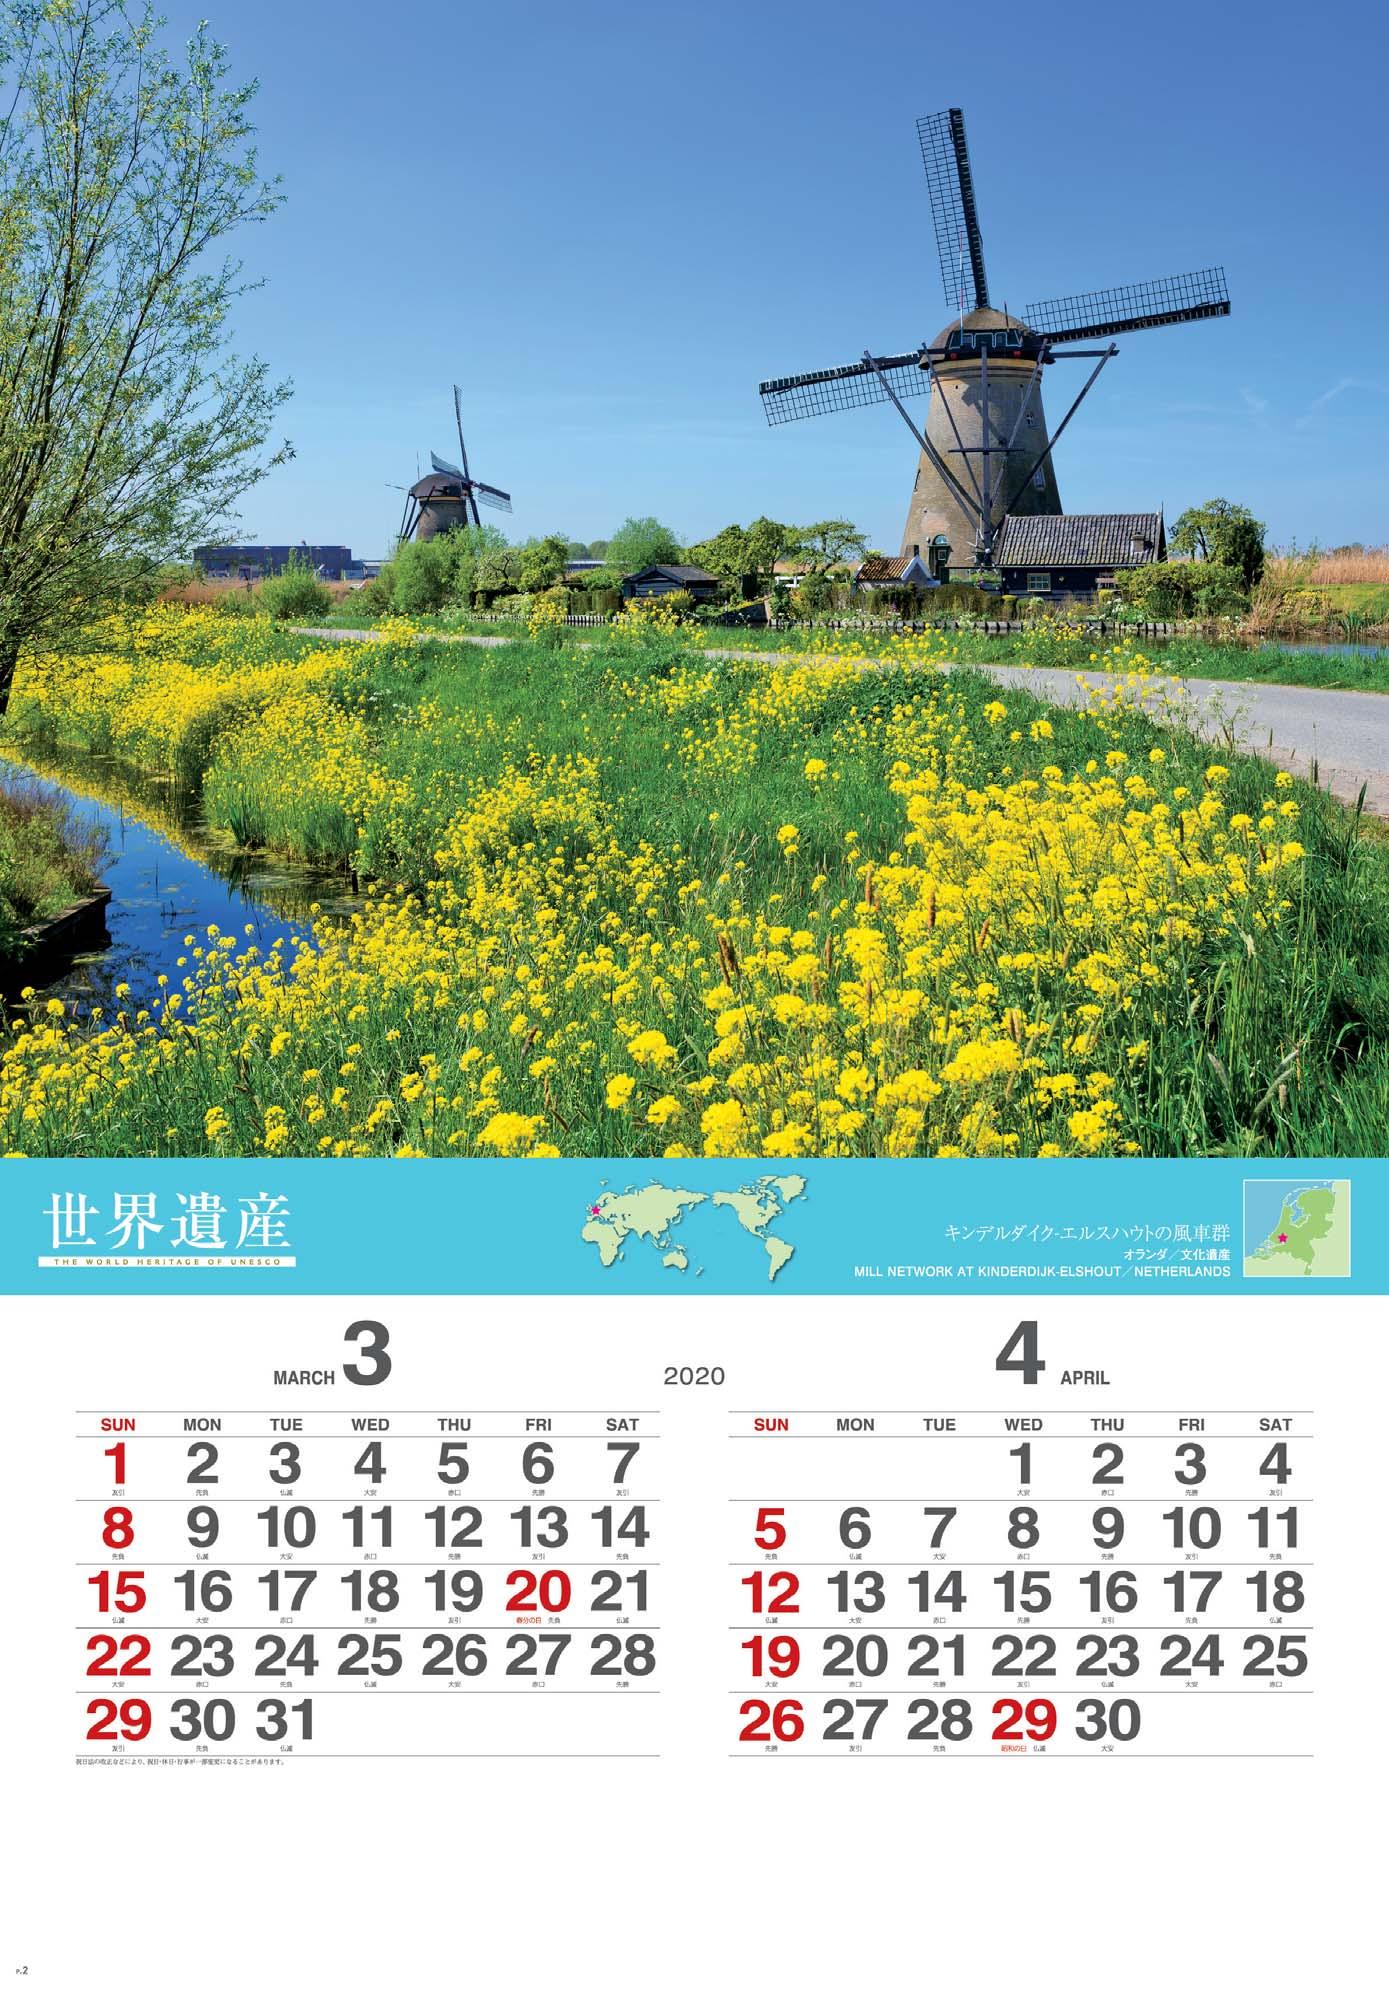 画像:キンデルダイク・エルスハウトの風車群(オランダ) ユネスコ世界遺産(フィルムカレンダー) 2020年カレンダー